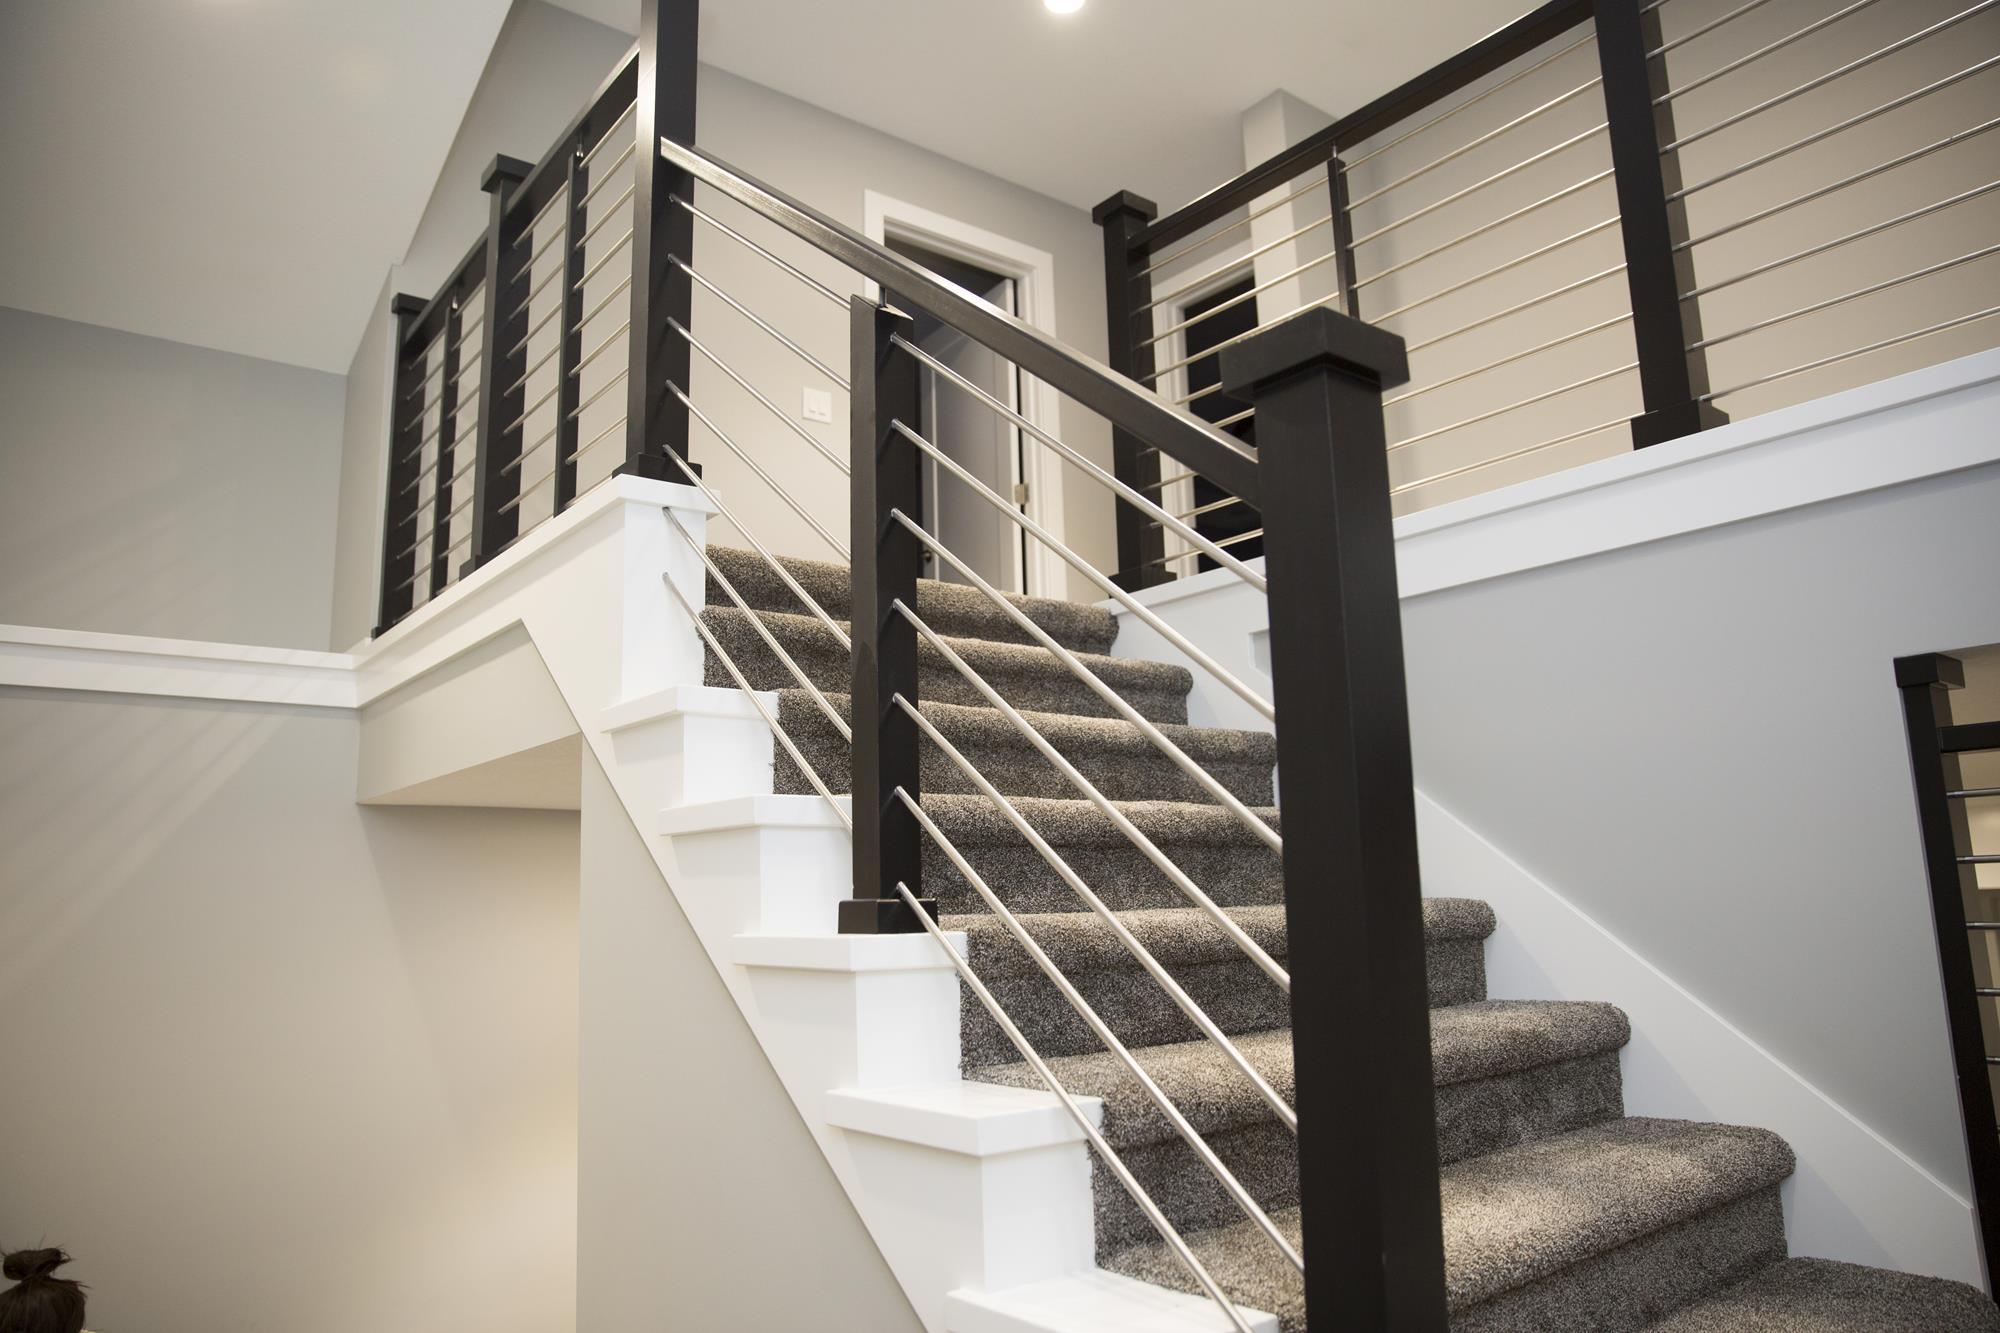 Stairway with custom built stainless steel railings